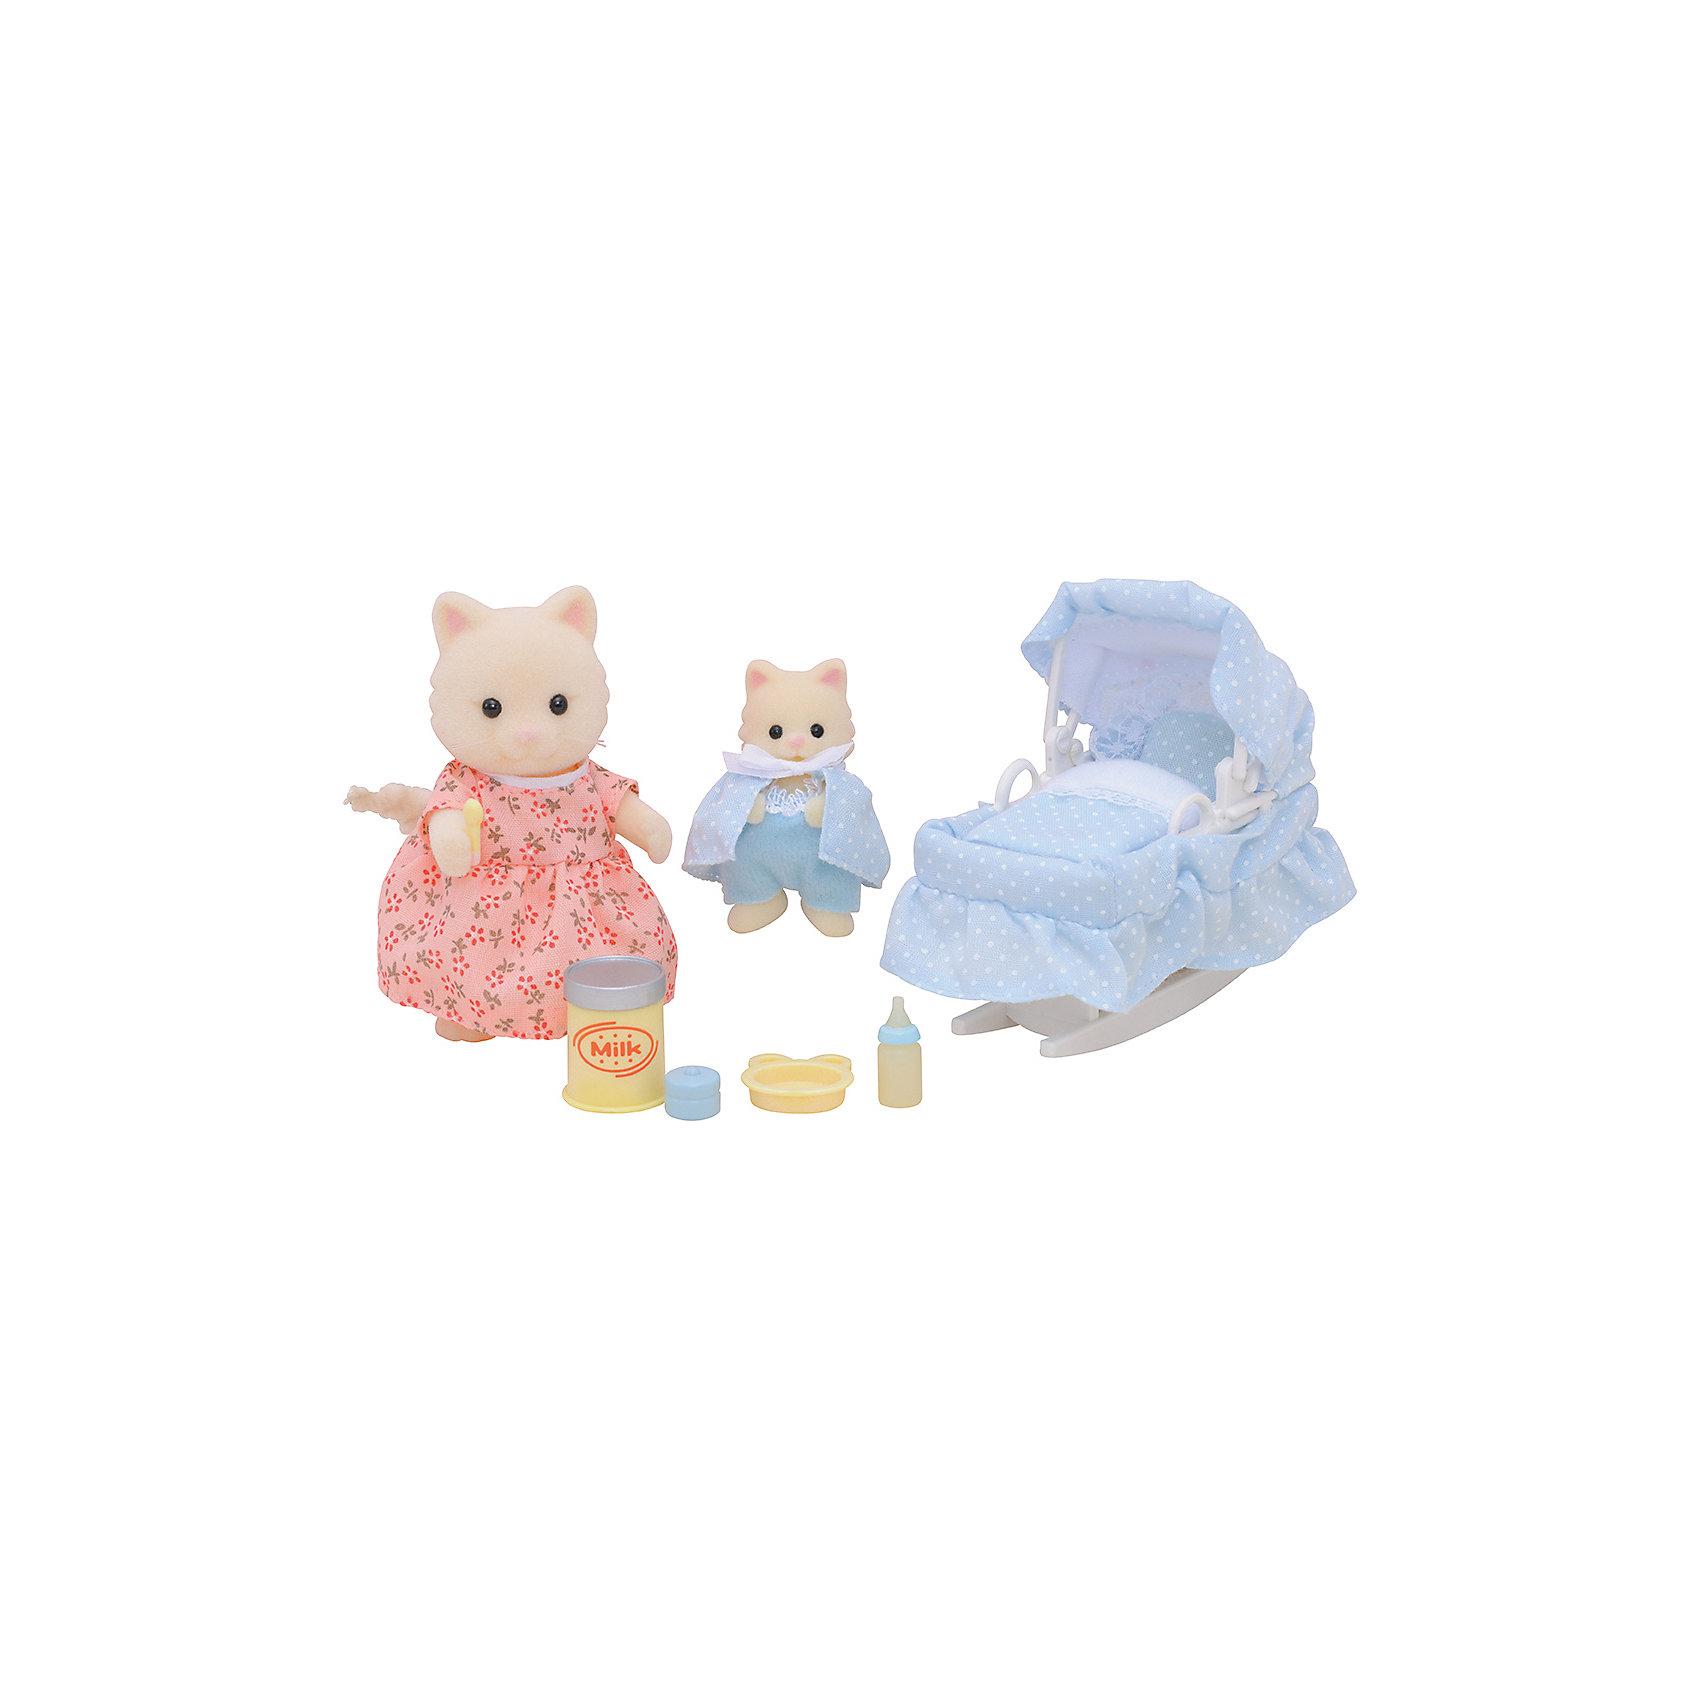 Набор Мама с малышом и колыбелькой Sylvanian FamiliesМама с малышом и колыбелькой от Sylvanian Families. <br><br>Мама-кошечка заботится о своём малыше и старается, чтобы его сон ничего не потревожило. Поэтому она одевает малыша в нарядную пижамку и укладывает спать в уютную колыбельку. <br><br>Мама-кошечка одета в розовое платье, сама кошечка белого цвета. Пушистый и длинный хвостик гнётся в разные стороны. Ручки, ножки и голова двигаются. <br><br>На котёнке комбинезон и светло-голубая накидка. Одежду можно легко снять и надеть снова. <br><br>Колыбель состоит из постельных принадлежностей и подставки, чтобы колыбель можно было качать. <br><br>Мама-кошка также может кормить своего малыша, потому что в набор входят детские столовые приборы, молоко и другие аксессуары. <br><br>Дополнительная информация:<br><br>В набор входят:<br><br>- мама-кошка (8 см);<br>- котёнок (5 см);<br>- колыбель;<br>- одеяло и матрас;<br>- бутылочка;<br>- тарелочка;<br>- банка молока;<br>- ложка. <br><br>Размер упаковки (д/ш/в): 20 х 15 х 5,5 см. <br><br>Материал: текстиль, ПВХ с полимерным напылением, пластмасса.<br><br>Этот набор обязательно порадует Вашего ребёнка, ведь теперь он сможет разыгрывать сценки из собственной жизни! Набор также способствует развитию фантазии и навыков общения.<br><br>Ширина мм: 203<br>Глубина мм: 172<br>Высота мм: 66<br>Вес г: 136<br>Возраст от месяцев: 36<br>Возраст до месяцев: 72<br>Пол: Женский<br>Возраст: Детский<br>SKU: 2226655